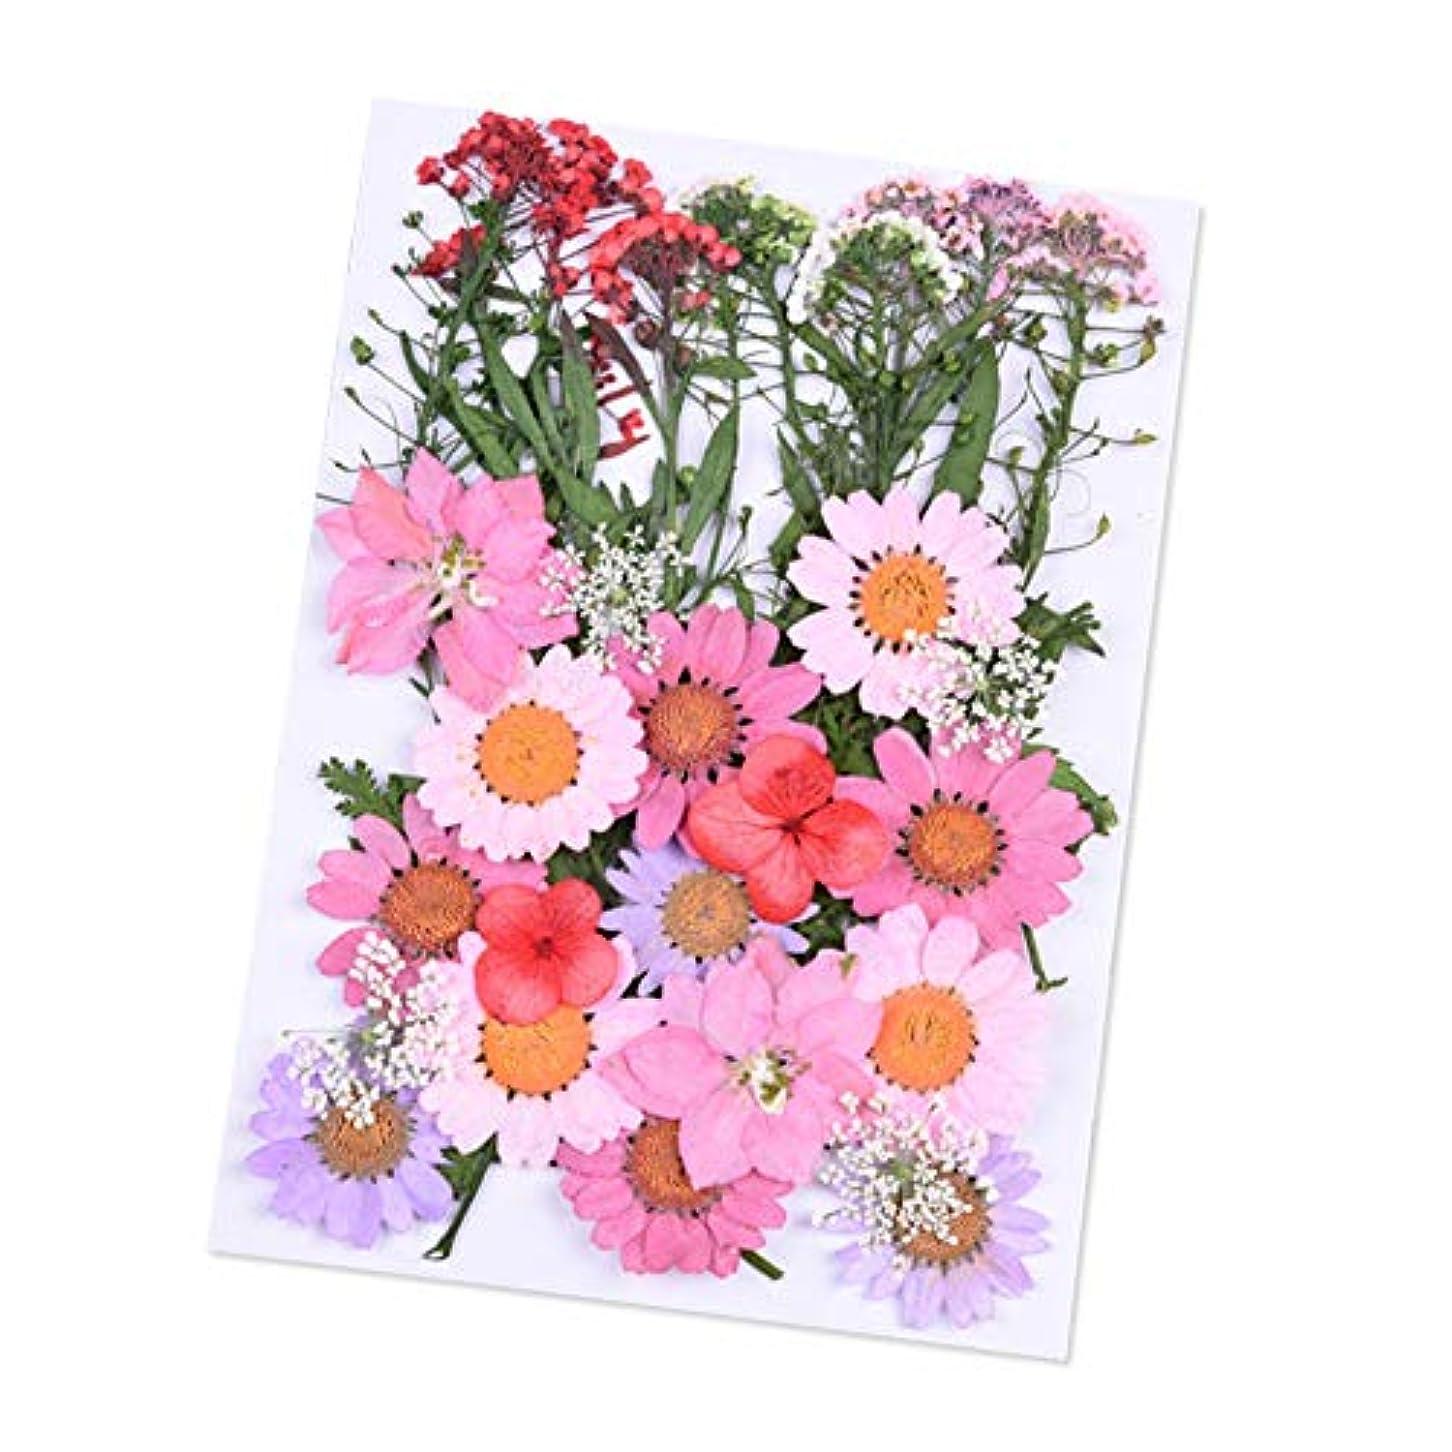 哀れな輪郭起きろDried Flowers,ZOZOE Natural Real Dried Flowers Flower Kit Flower Petals and Buds DIY Silicone Coaster Resin Molds...